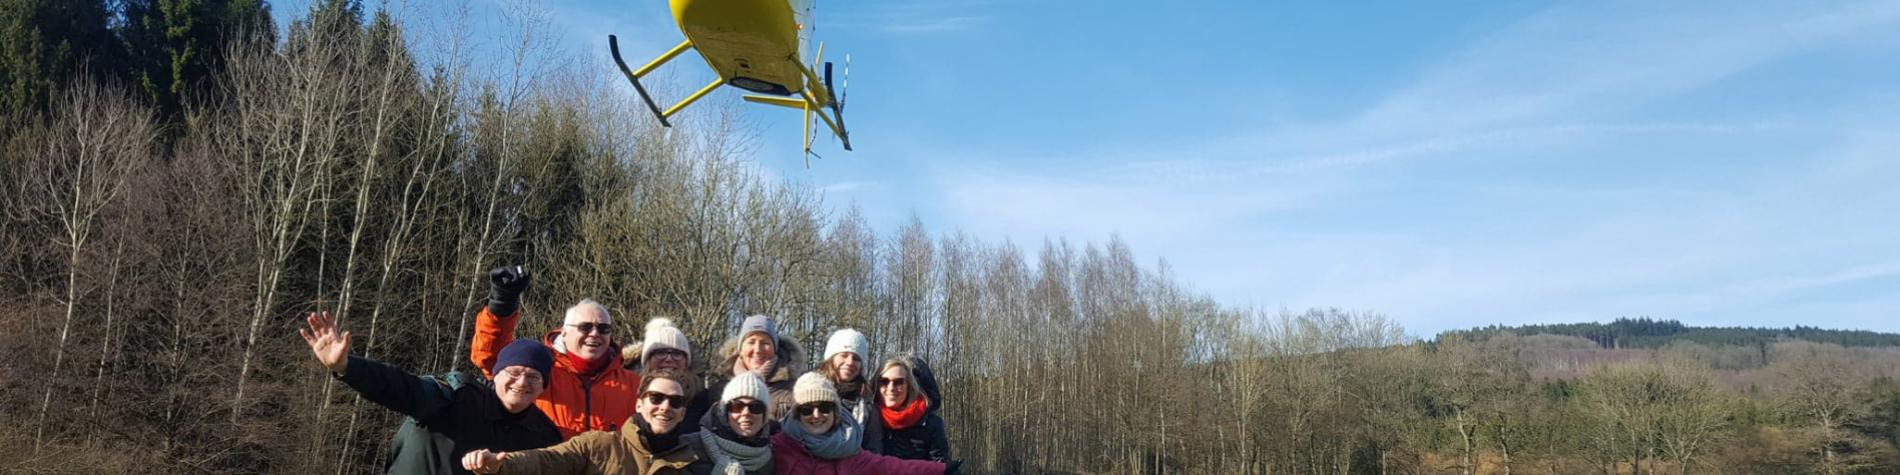 Teambuilding en hélicoptère avec Adrénaline Events en Wallonie